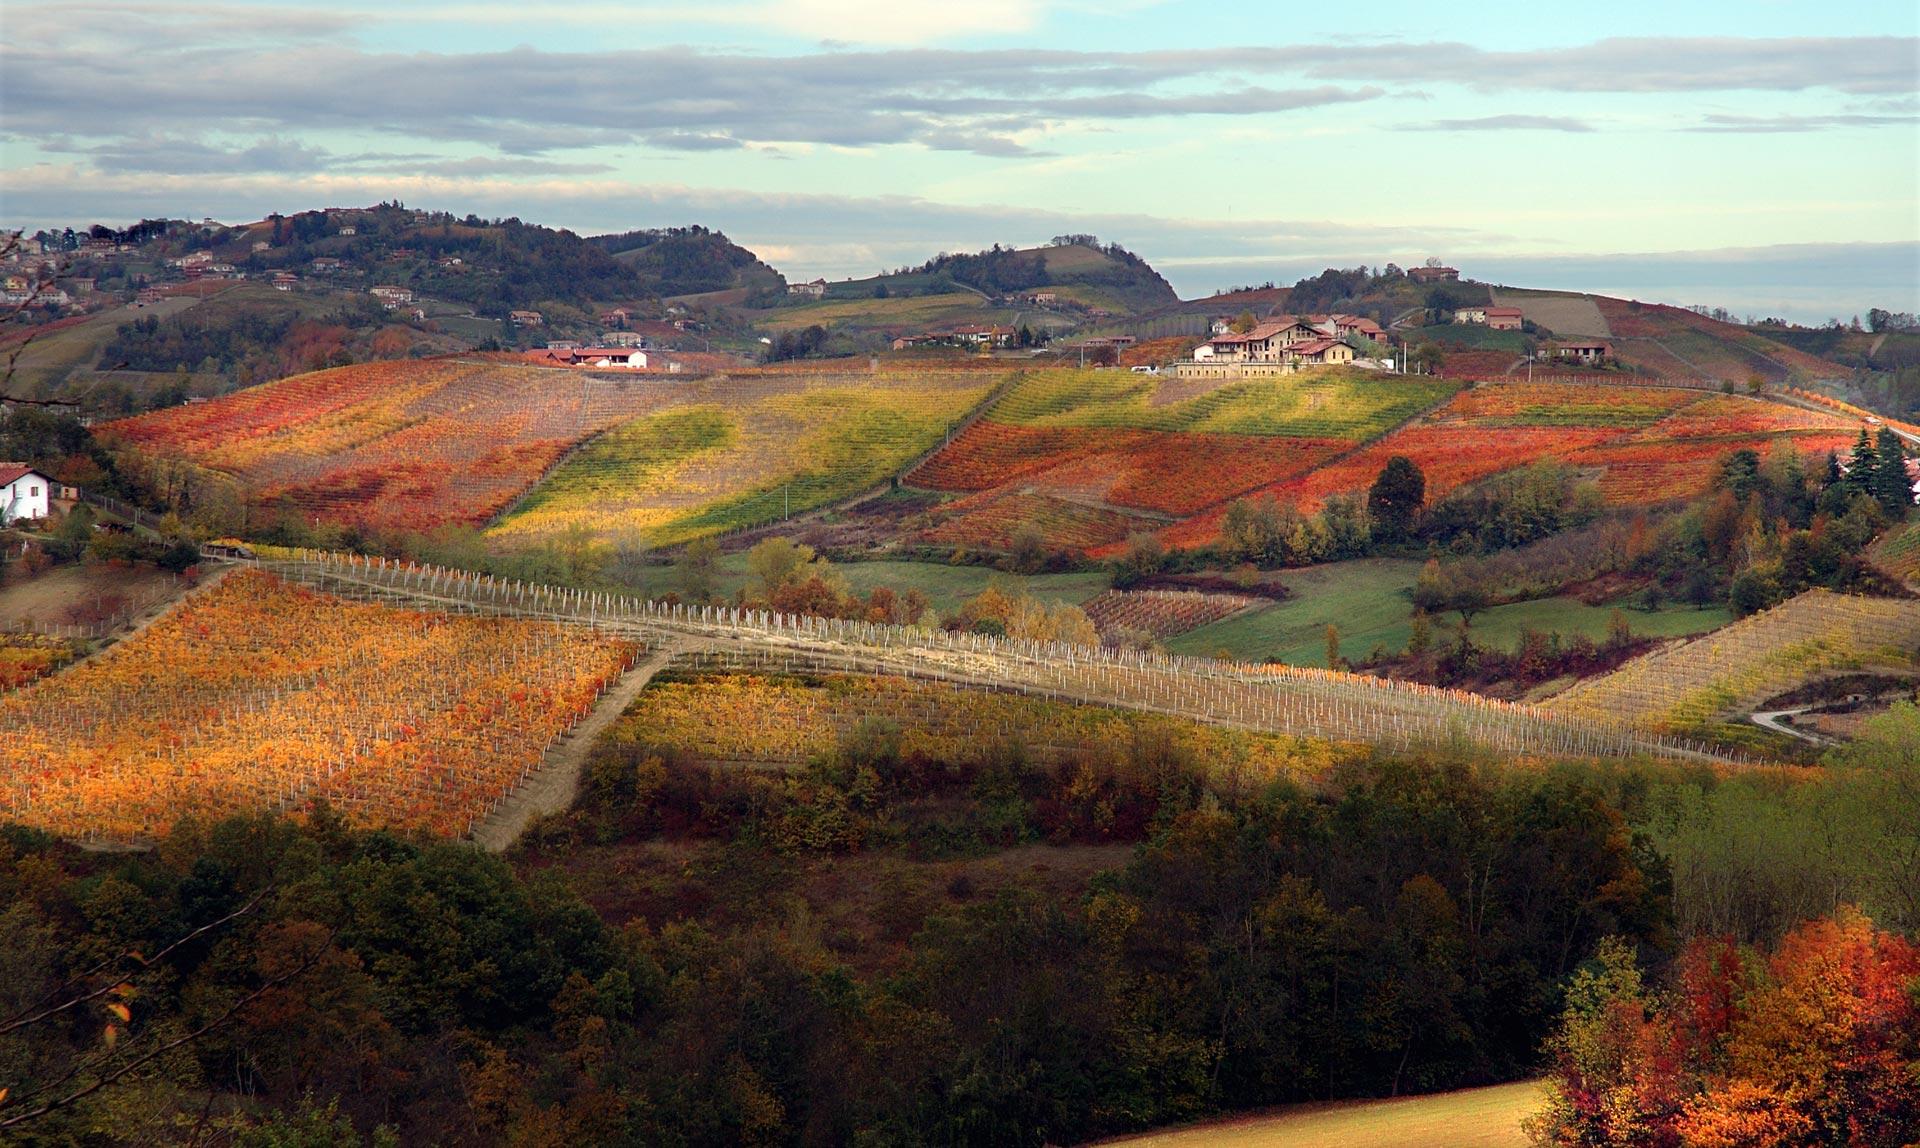 Wijngaard Pecchenino in de herfst